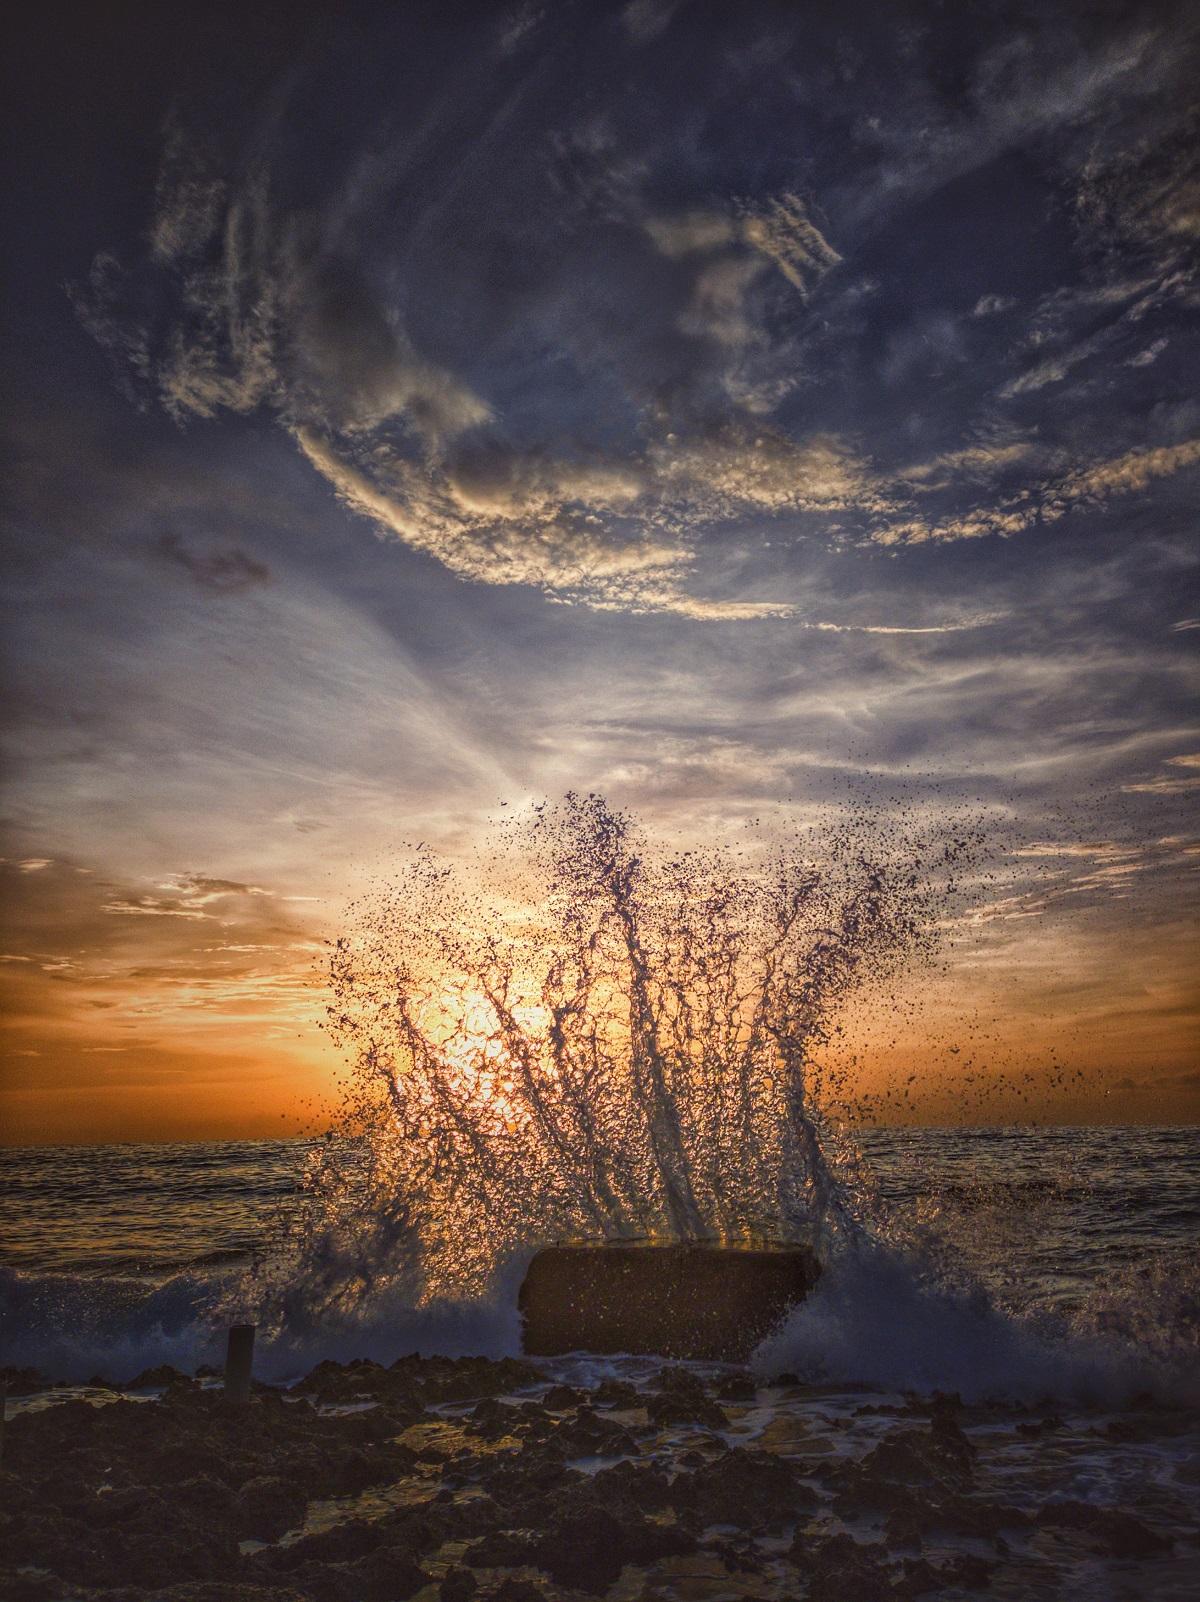 Photo couleur représentant un coucher de soleil sur la mer. Au premier plan se devinent les cailloux ou rochers du rivage et une immense gerbe d'eau s'élève au contact d'un bloc (bois, rocher?) qui se trouve dans l'eau. Le ciel est magnifique, orange et argenté.